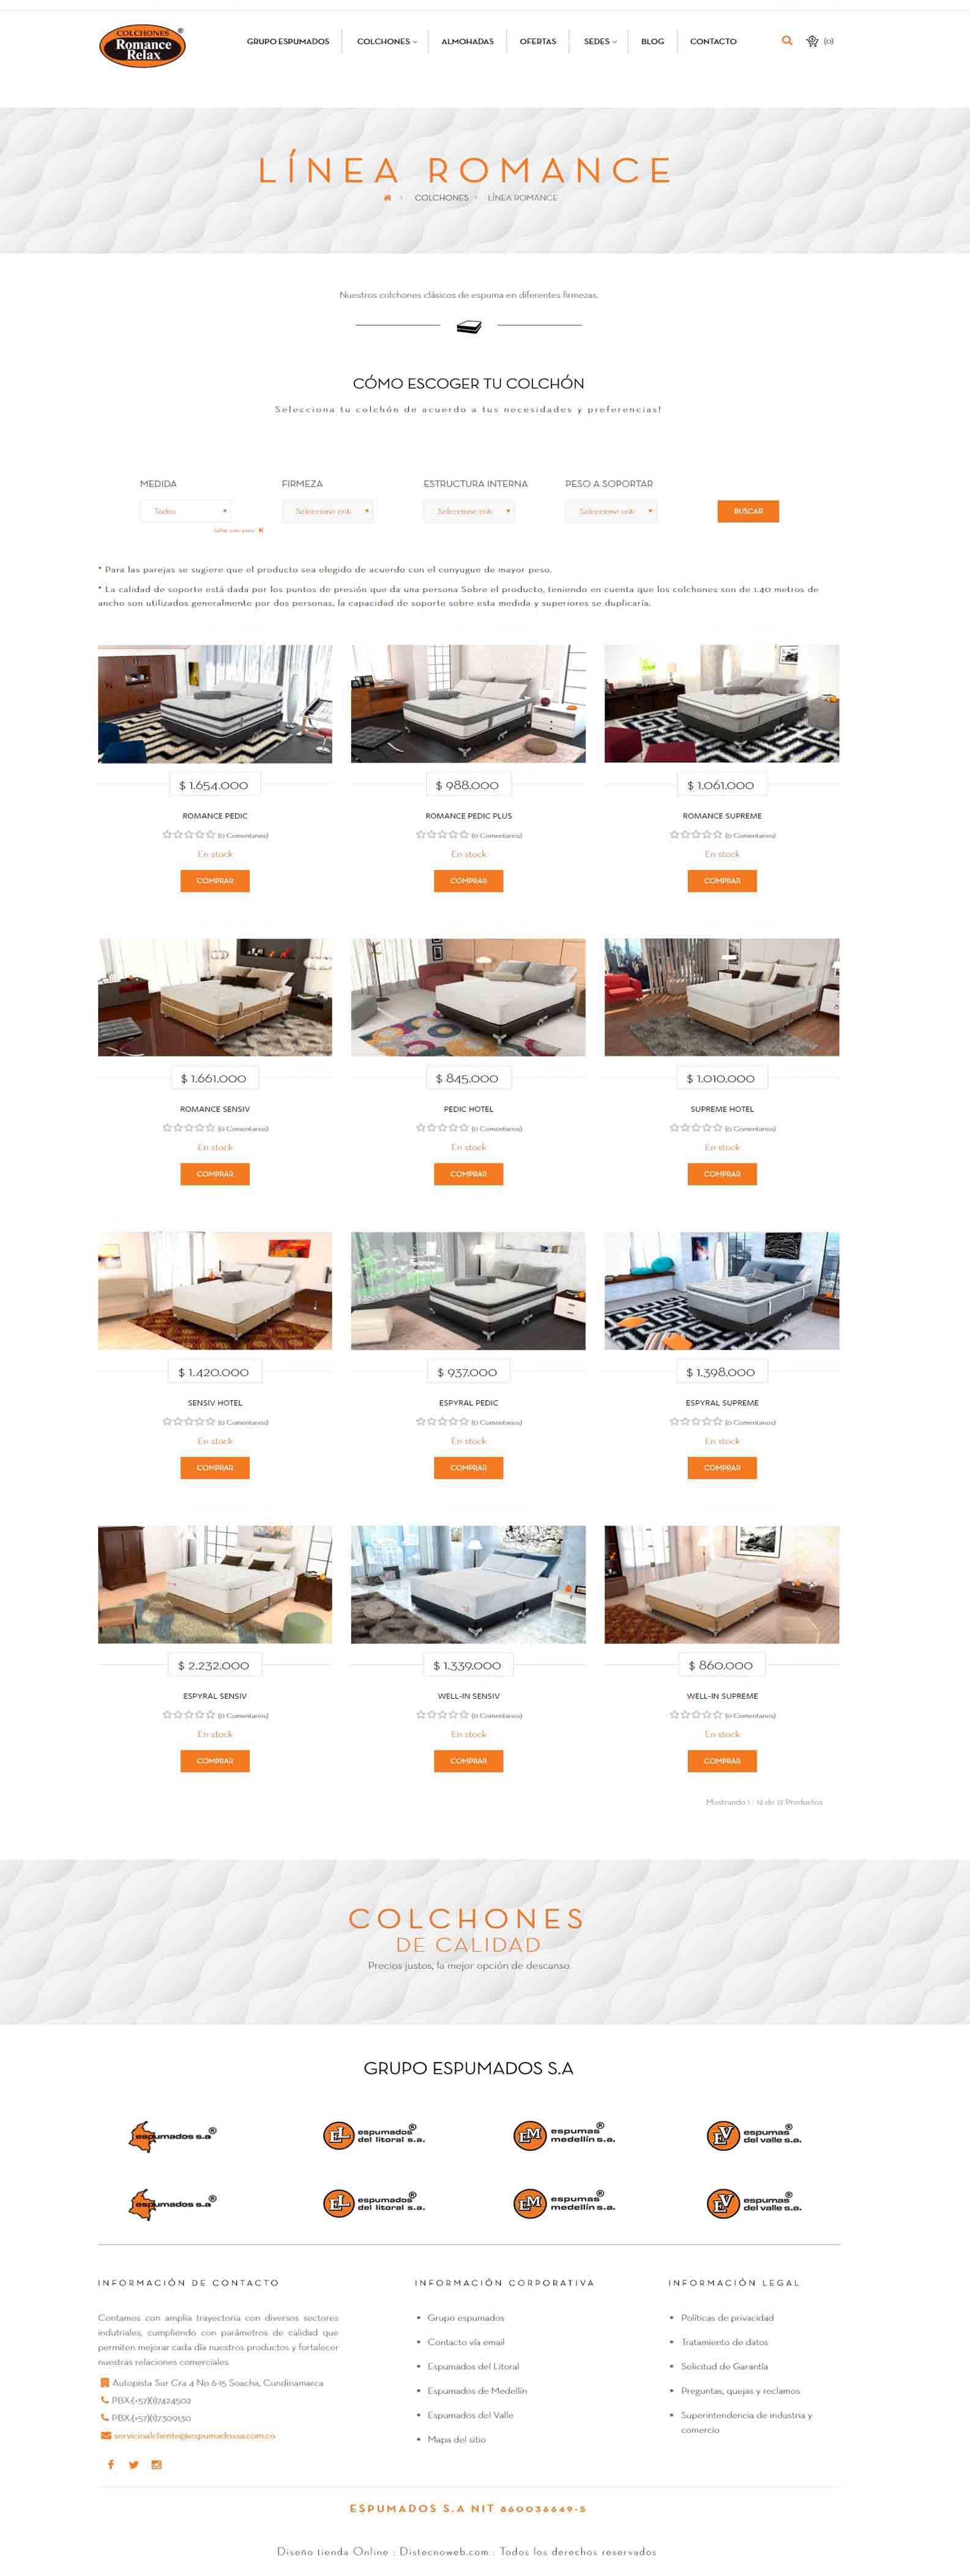 romancerelax.com - de Colchones y almohadas de alta calidad